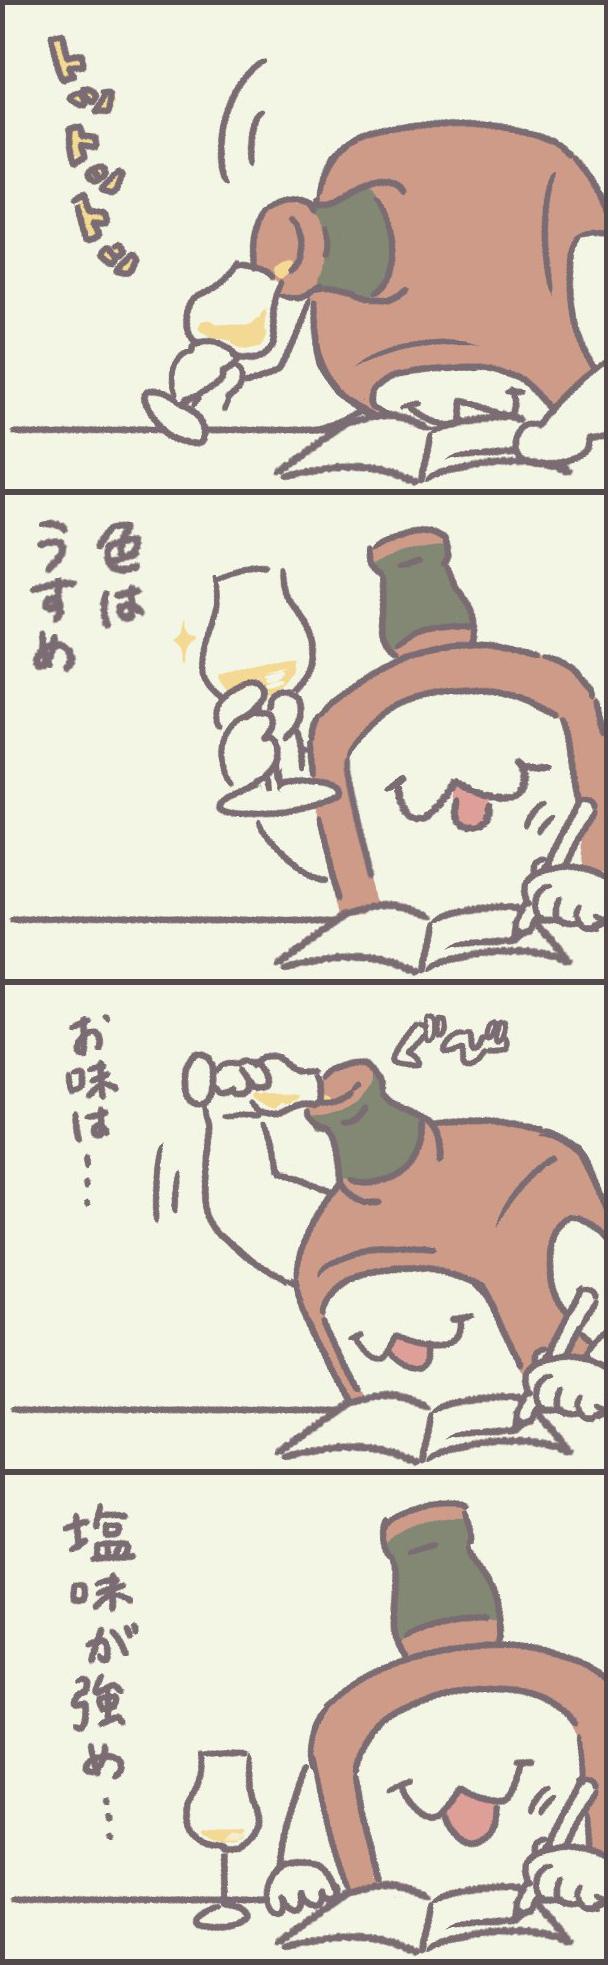 味見をするウイスキーのキャラクター・マスコット【バレルさん】